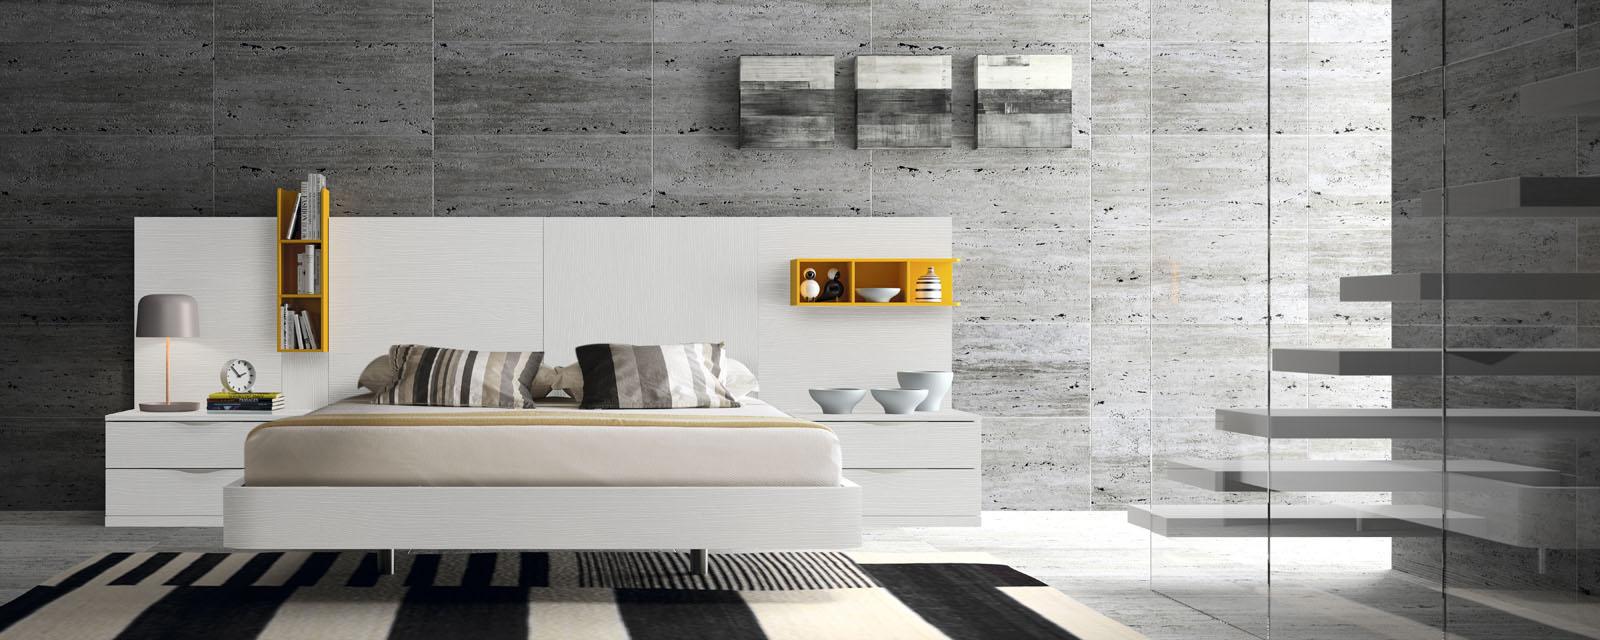 Dormitorios de matrimonio – Página 2 – Cúbica Muebles